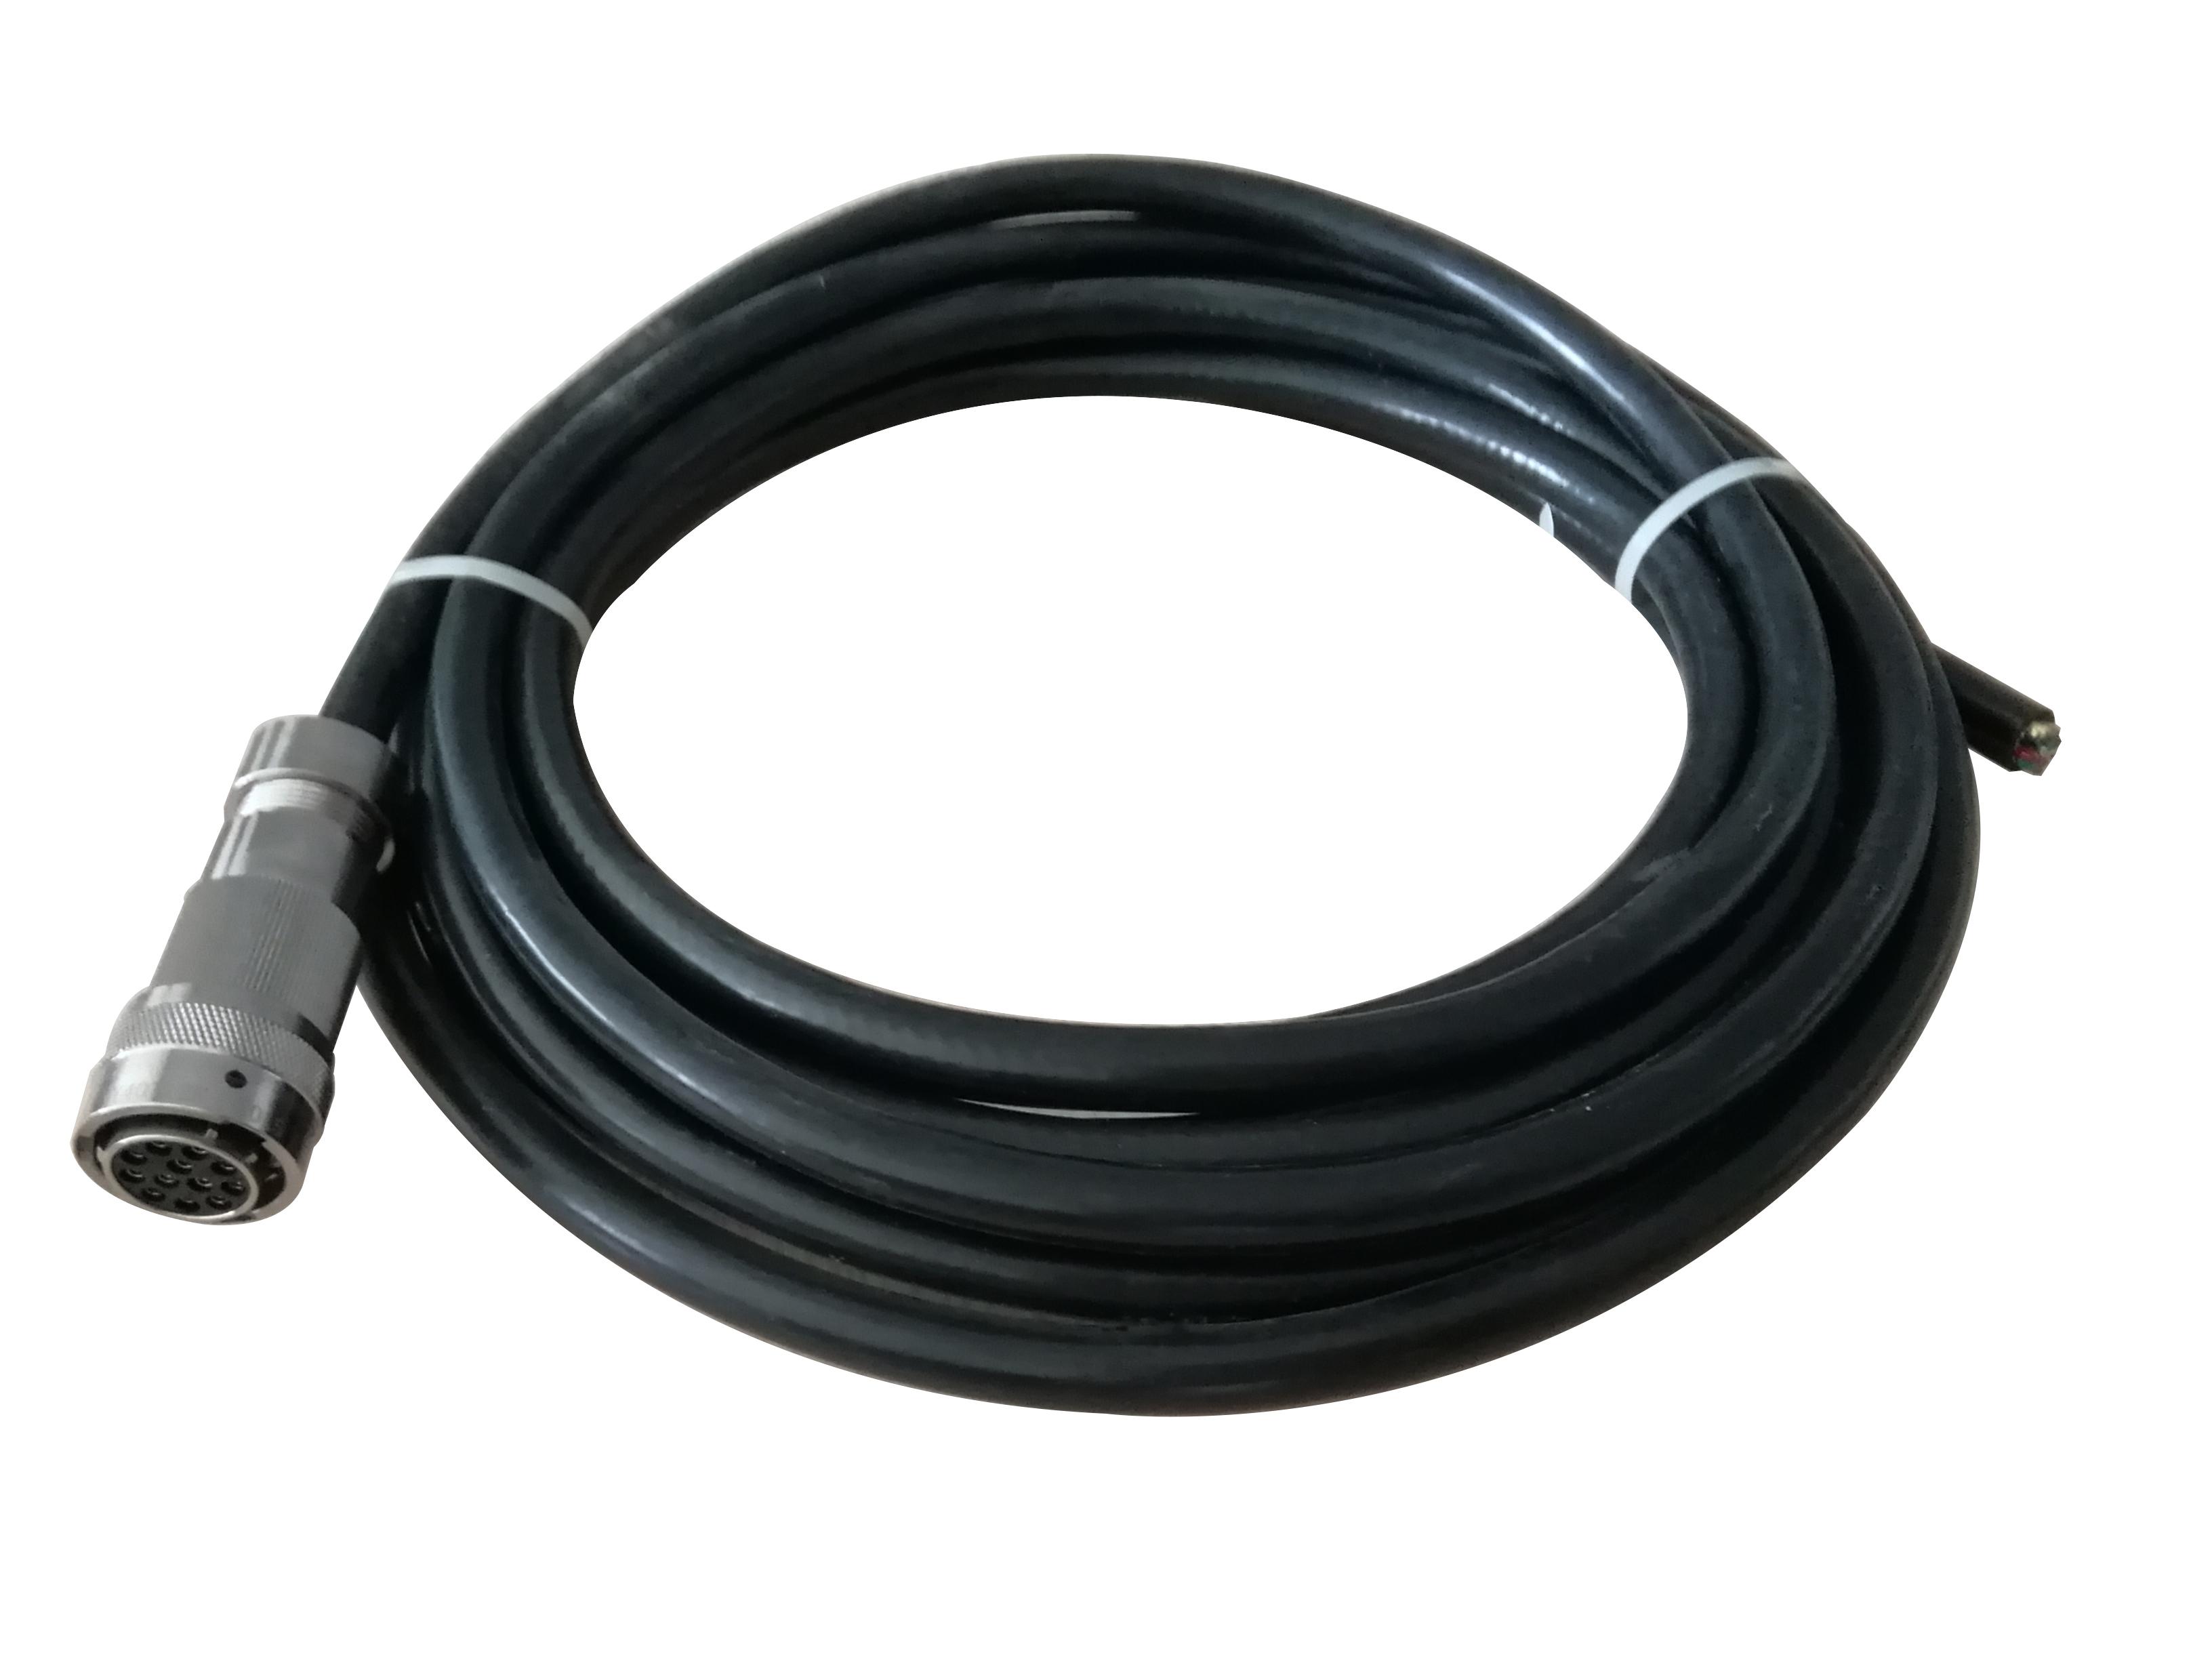 高压屏蔽点火电缆